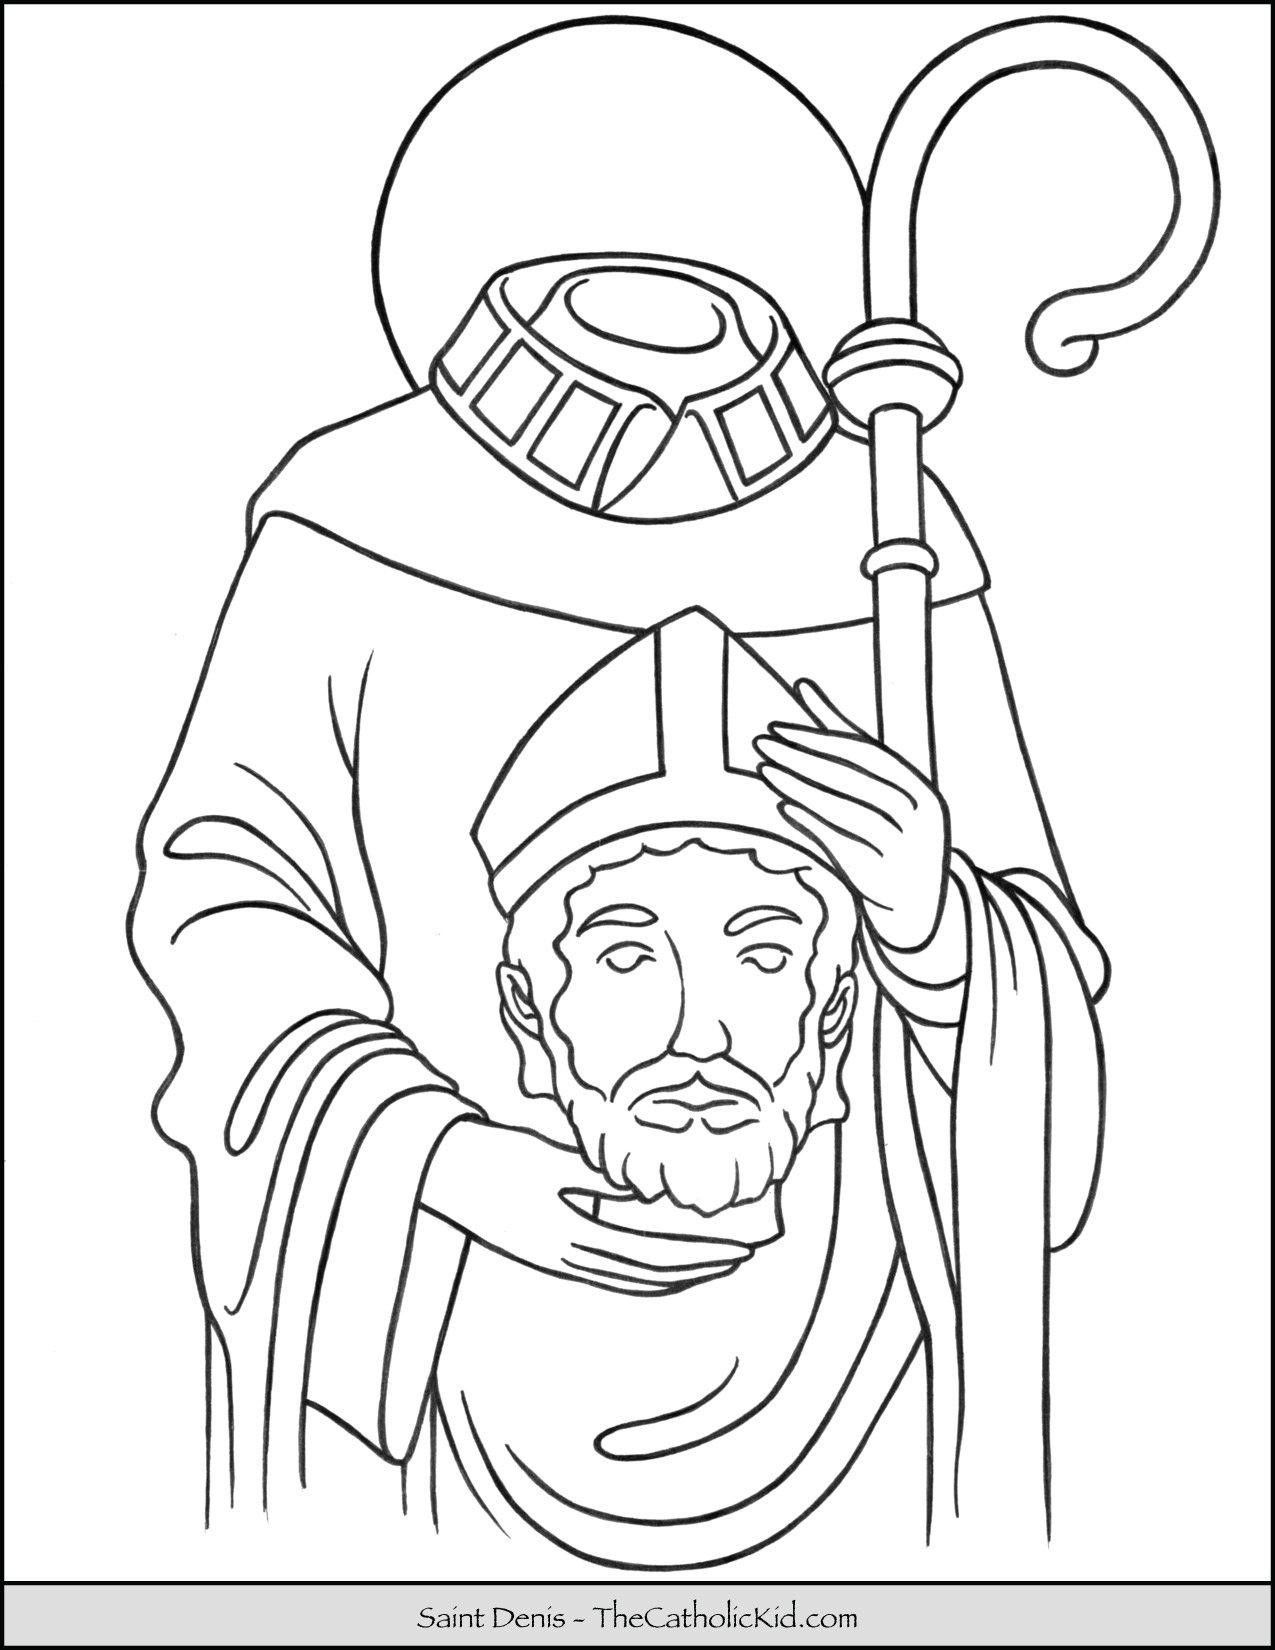 Saint Denis Coloring Page